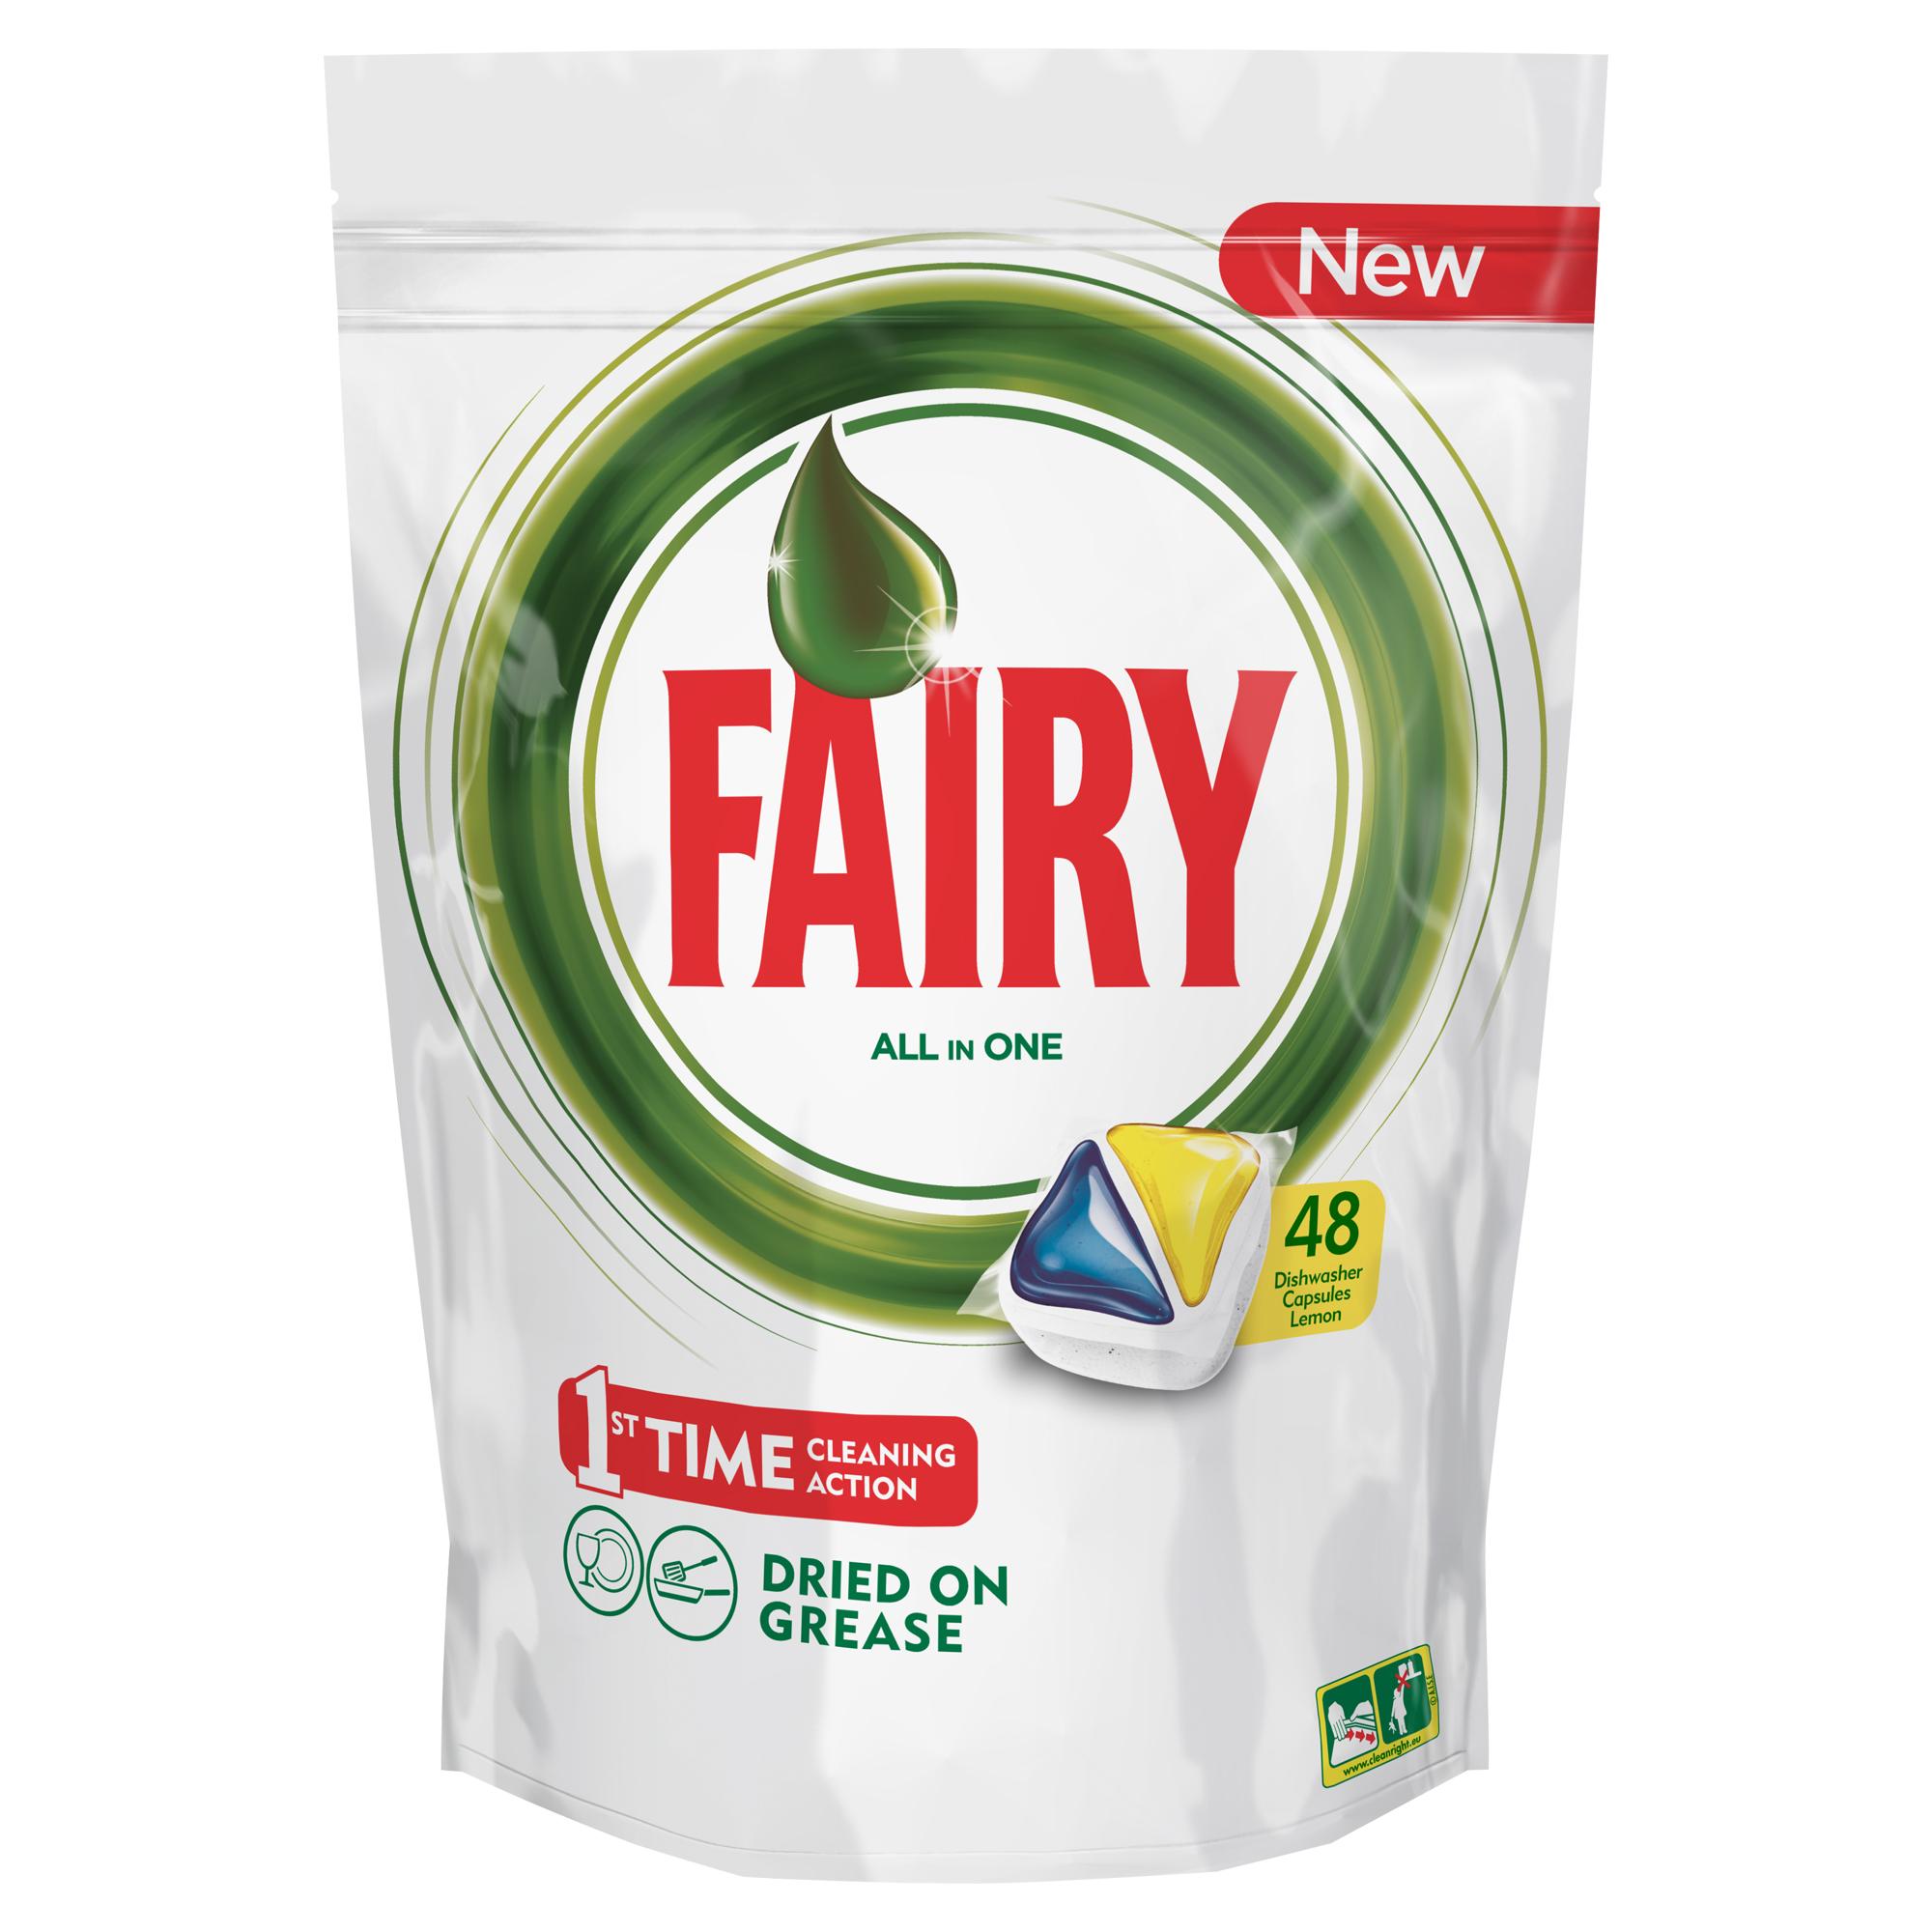 Капсулы для посудомоечной машины Fairy Original All In One, с лимоном, 48 штFR-81607021Капсулы для посудомоечной машины Fairy Original All In One идеально отмывают посуду со сложными загрязнениями с первого раза. Средство содержит гель и порошок в одной капсуле. Капсула растворяется гораздо быстрее, чем другие таблетки для посудомоечной машины, и поэтому начинает действовать немедленно. Кроме того, капсулы Fairy очень просты в использовании – просто поместите их в посудомоечную машину (не нужно распаковывать). Преимущества: - Средство справляется с засохшей пригоревшей грязью и чистит даже самые сложные загрязнения- С функцией супер сияния посуды - С добавлением соли и ополаскивателя - С защитой стекла и серебра - Сохраняет приятный запах в посудомоечной машине- С жидким моющим средством для борьбы со сложным жиром- Произведено и протестировано для использования во всех посудомоечных машинах- Готовы к использованию- Не нужно разворачивать - 1 капсула = 1 загрузкаПоместите капсулу в отсек для моющего средства и сразу закройте. Брать капсулу только сухими руками. Не разворачивайте и не прокалывайте капсулу. Закрывайте пакет после каждого использования.Товар сертифицирован.